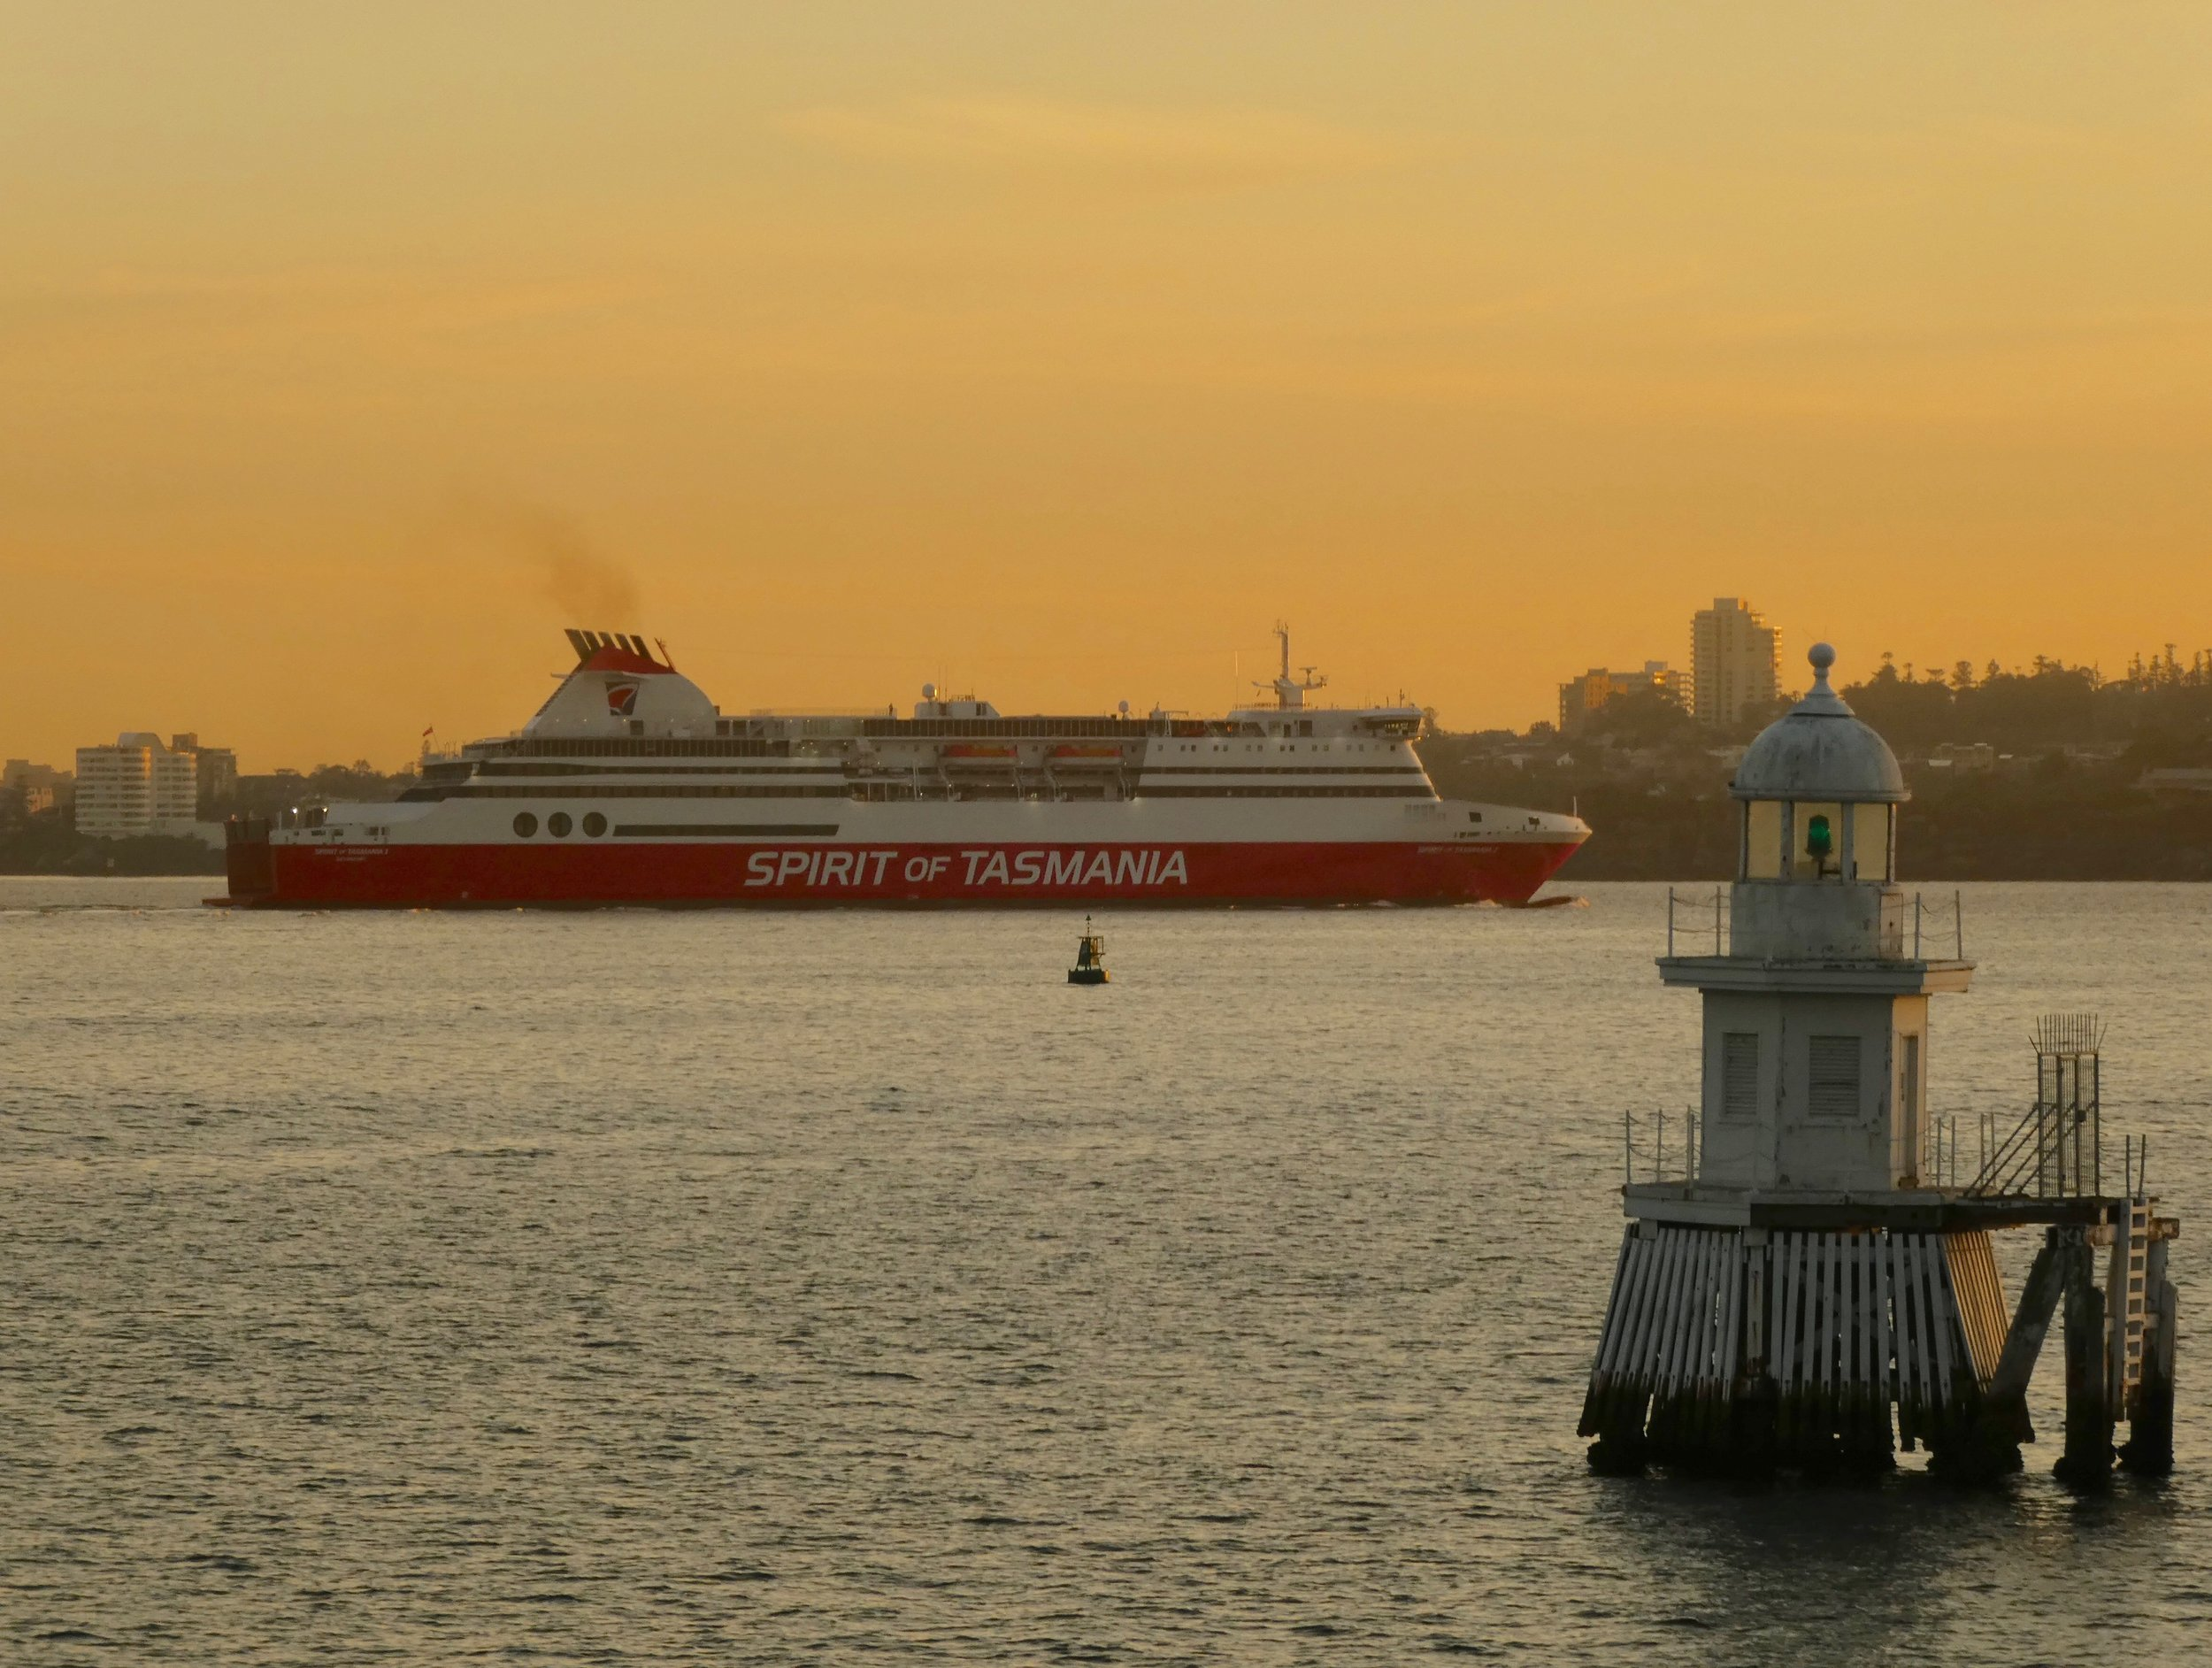 Spirit of Tasmania in Sydney Harbour